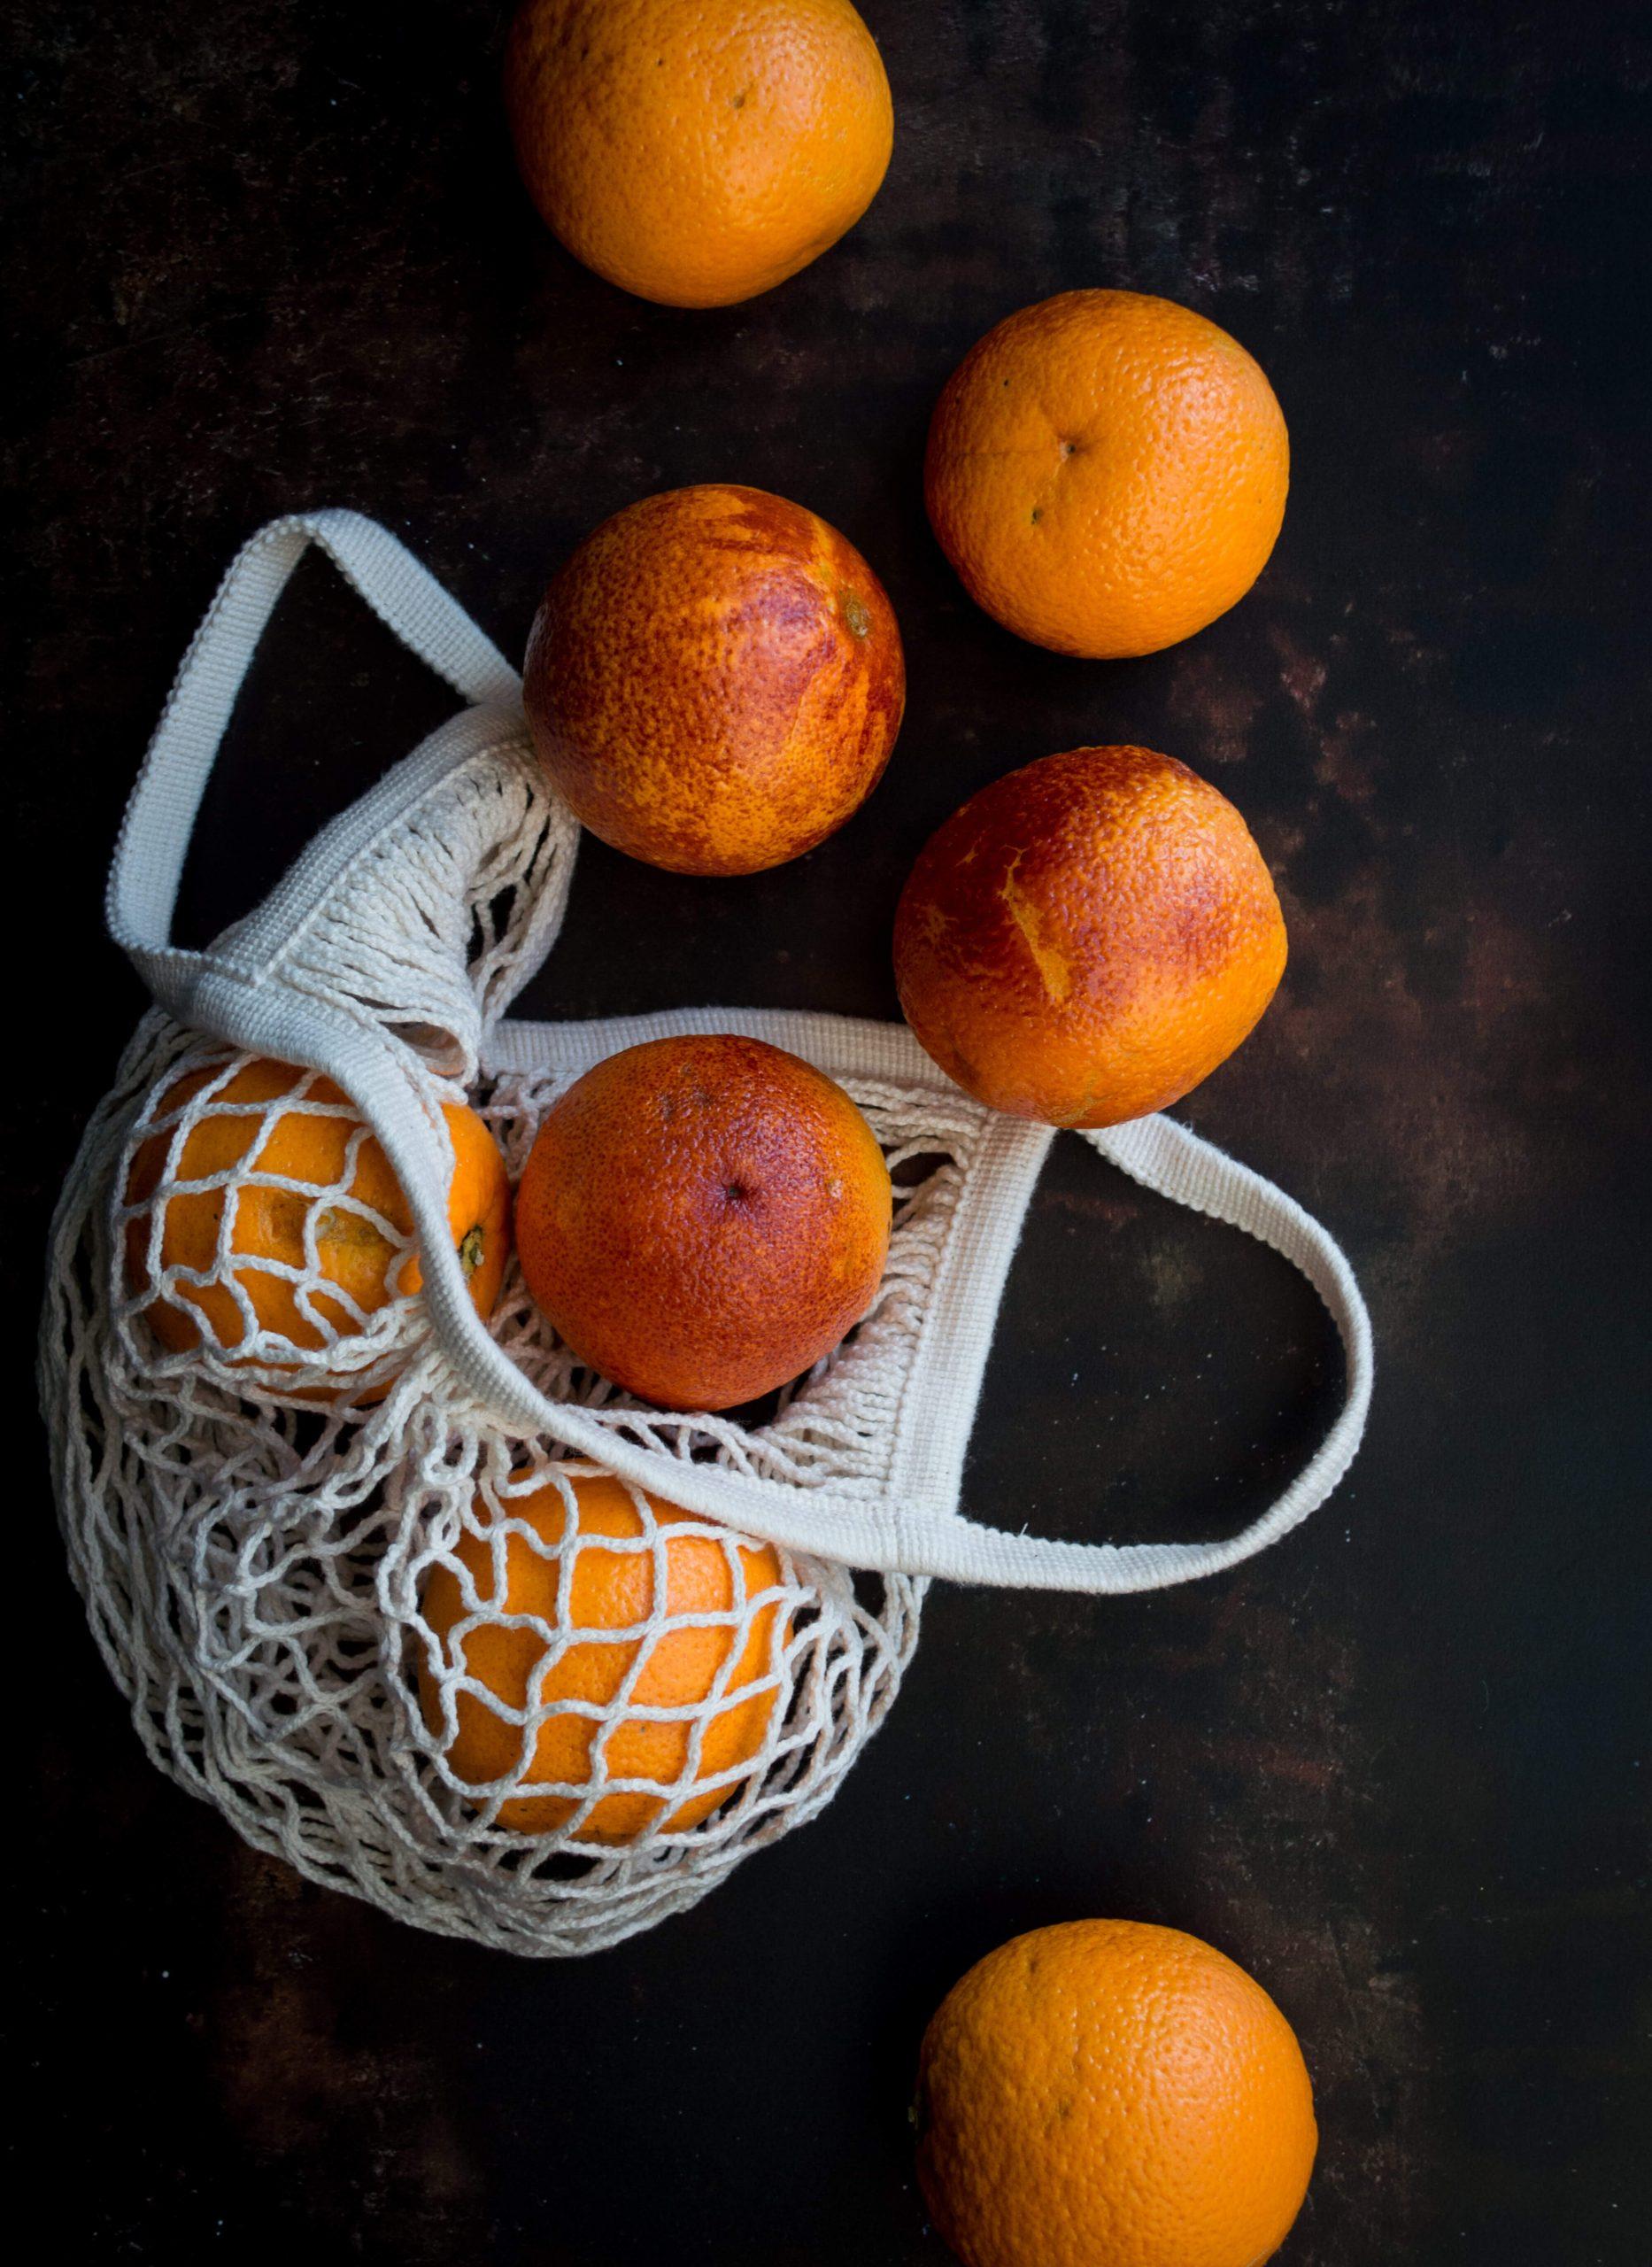 Blood oranges on dark background